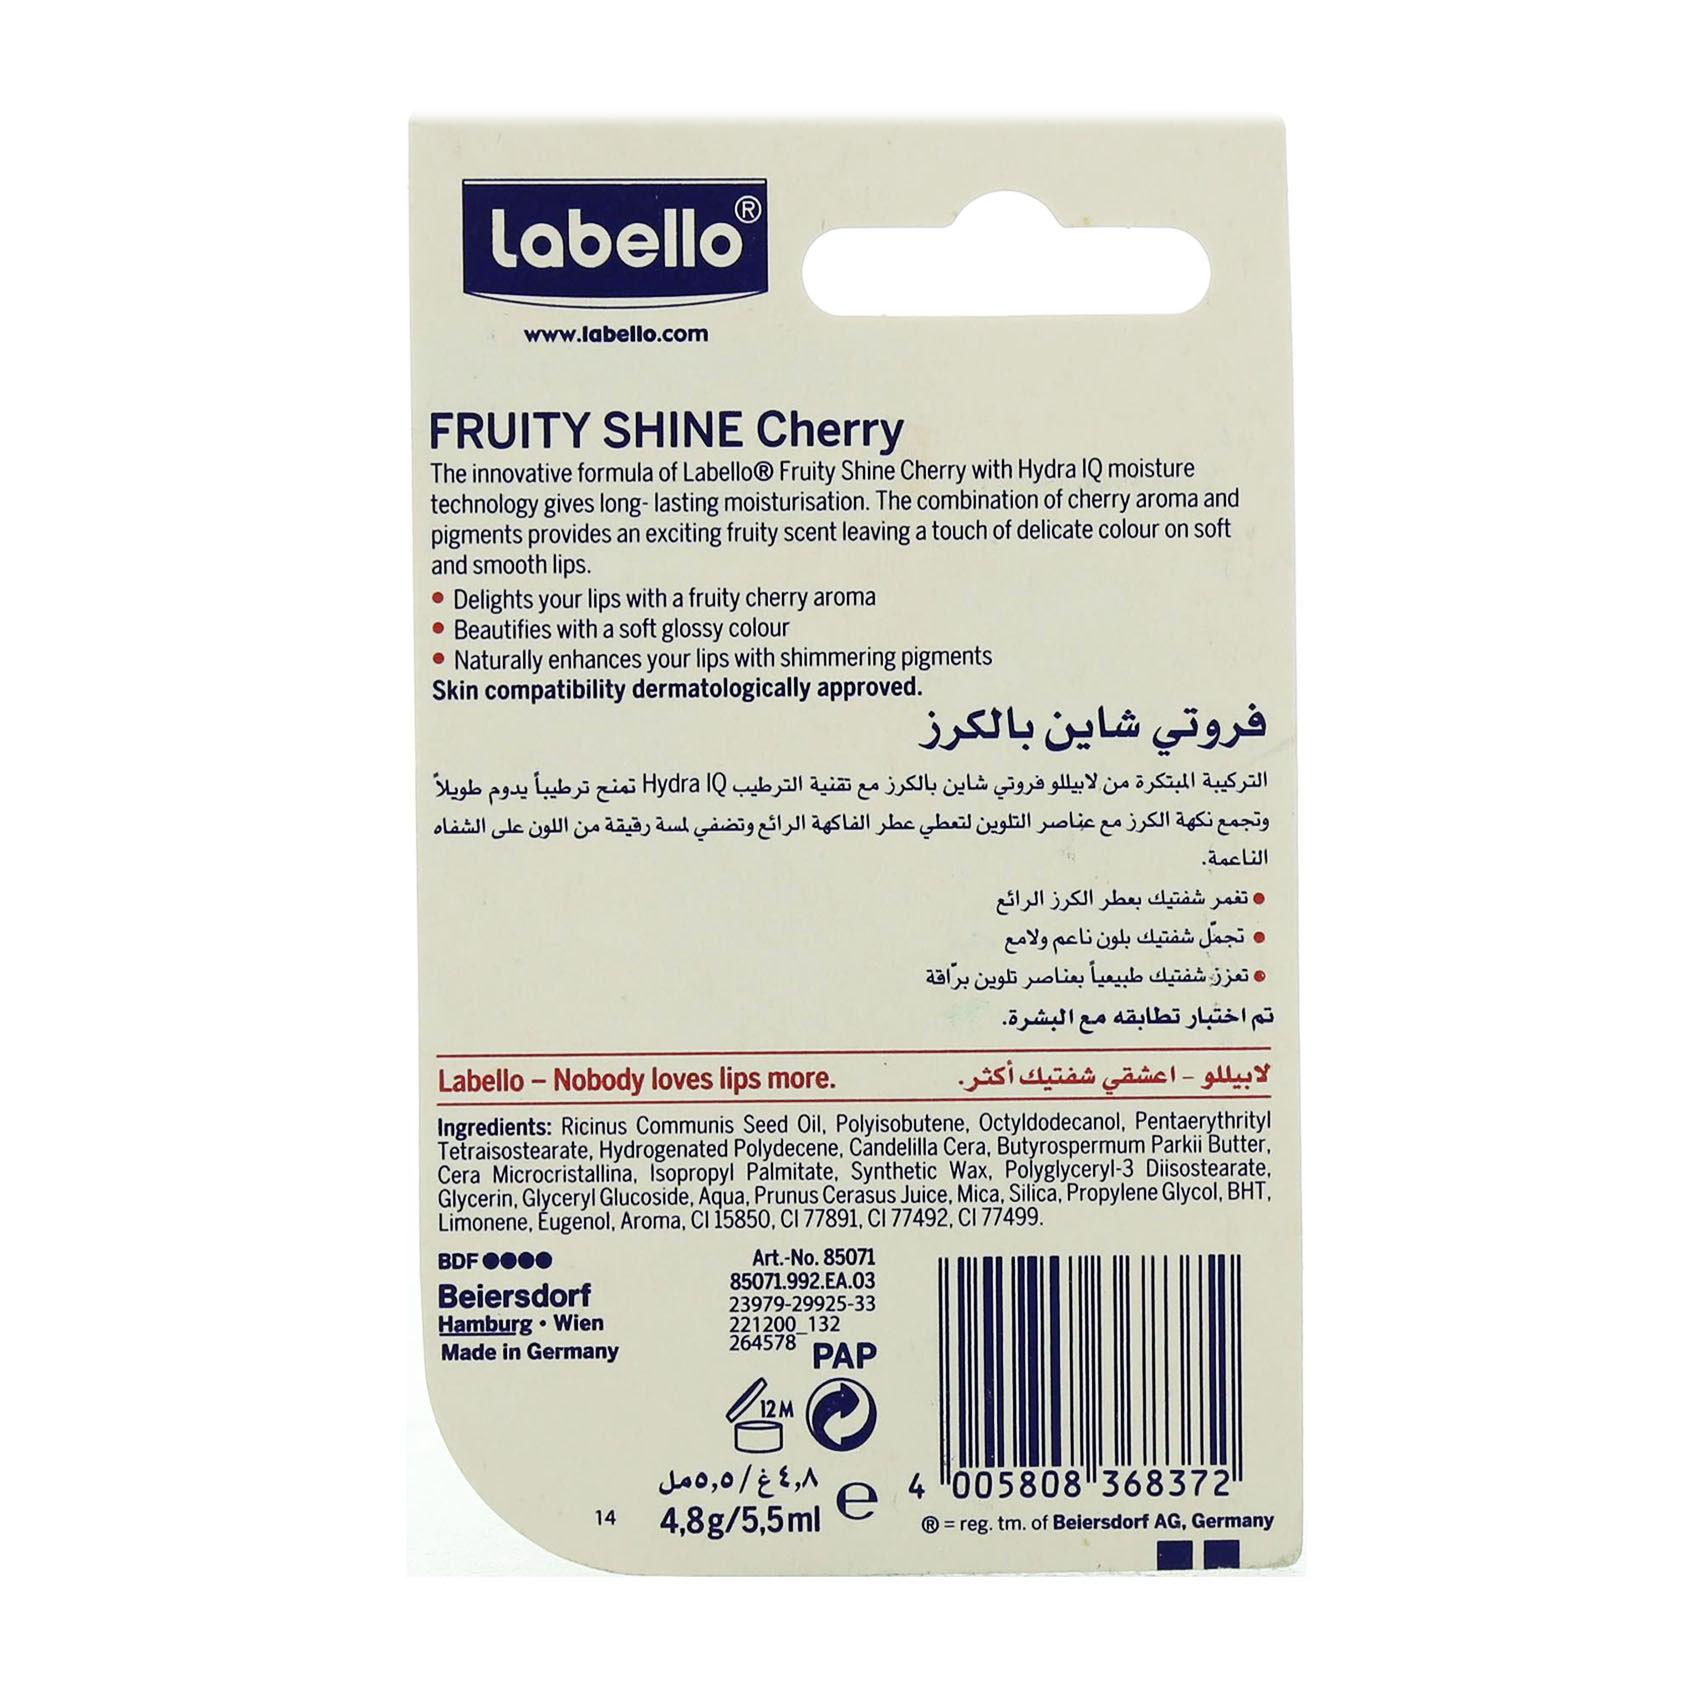 LABELLO LIPCARE FRUIT CHERRY4.8GM